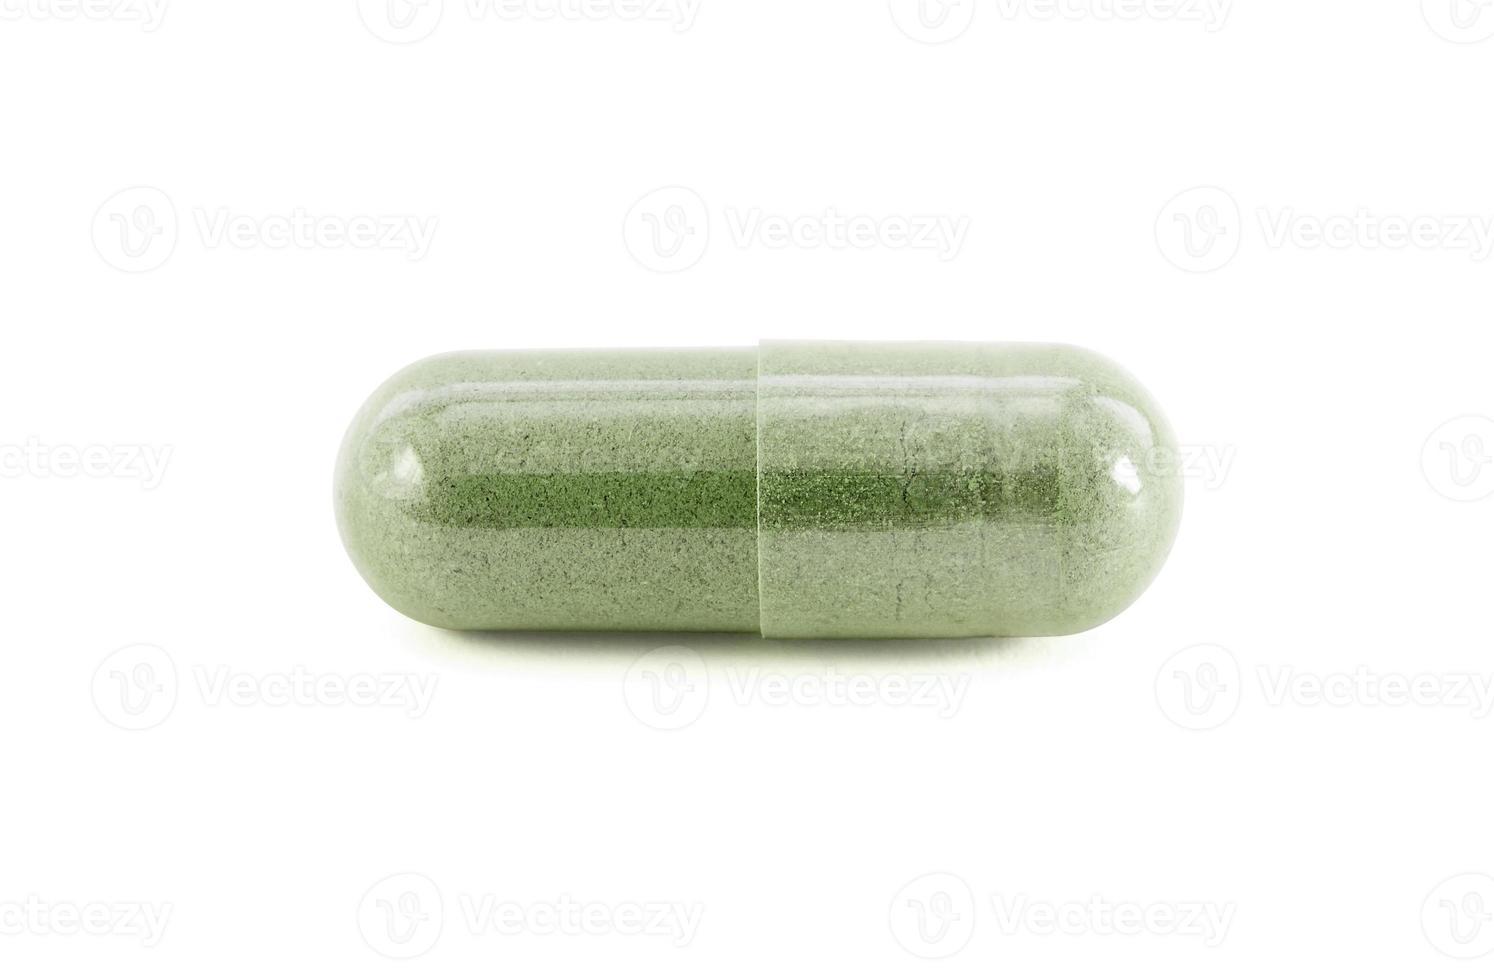 Kapsel des grünen Kräuterzusatzprodukts isoliert auf Weiß foto